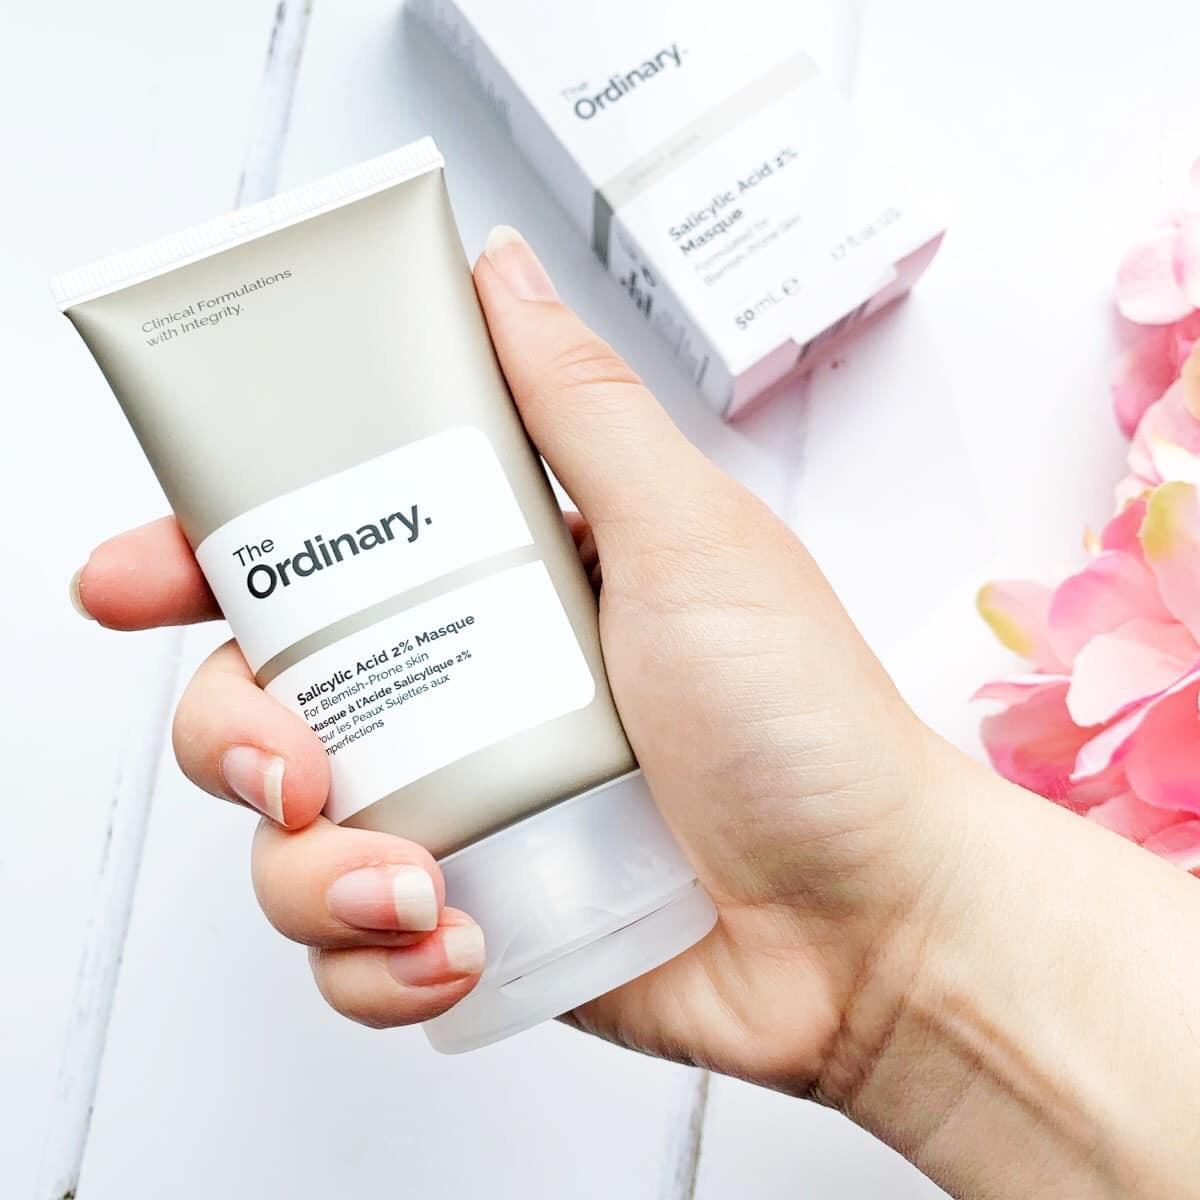 Muốn da láng mịn, đẩy lùi nếp nhăn bạn phải bổ sung ngay sản phẩm này vào chu trình dưỡng da - Ảnh 2.